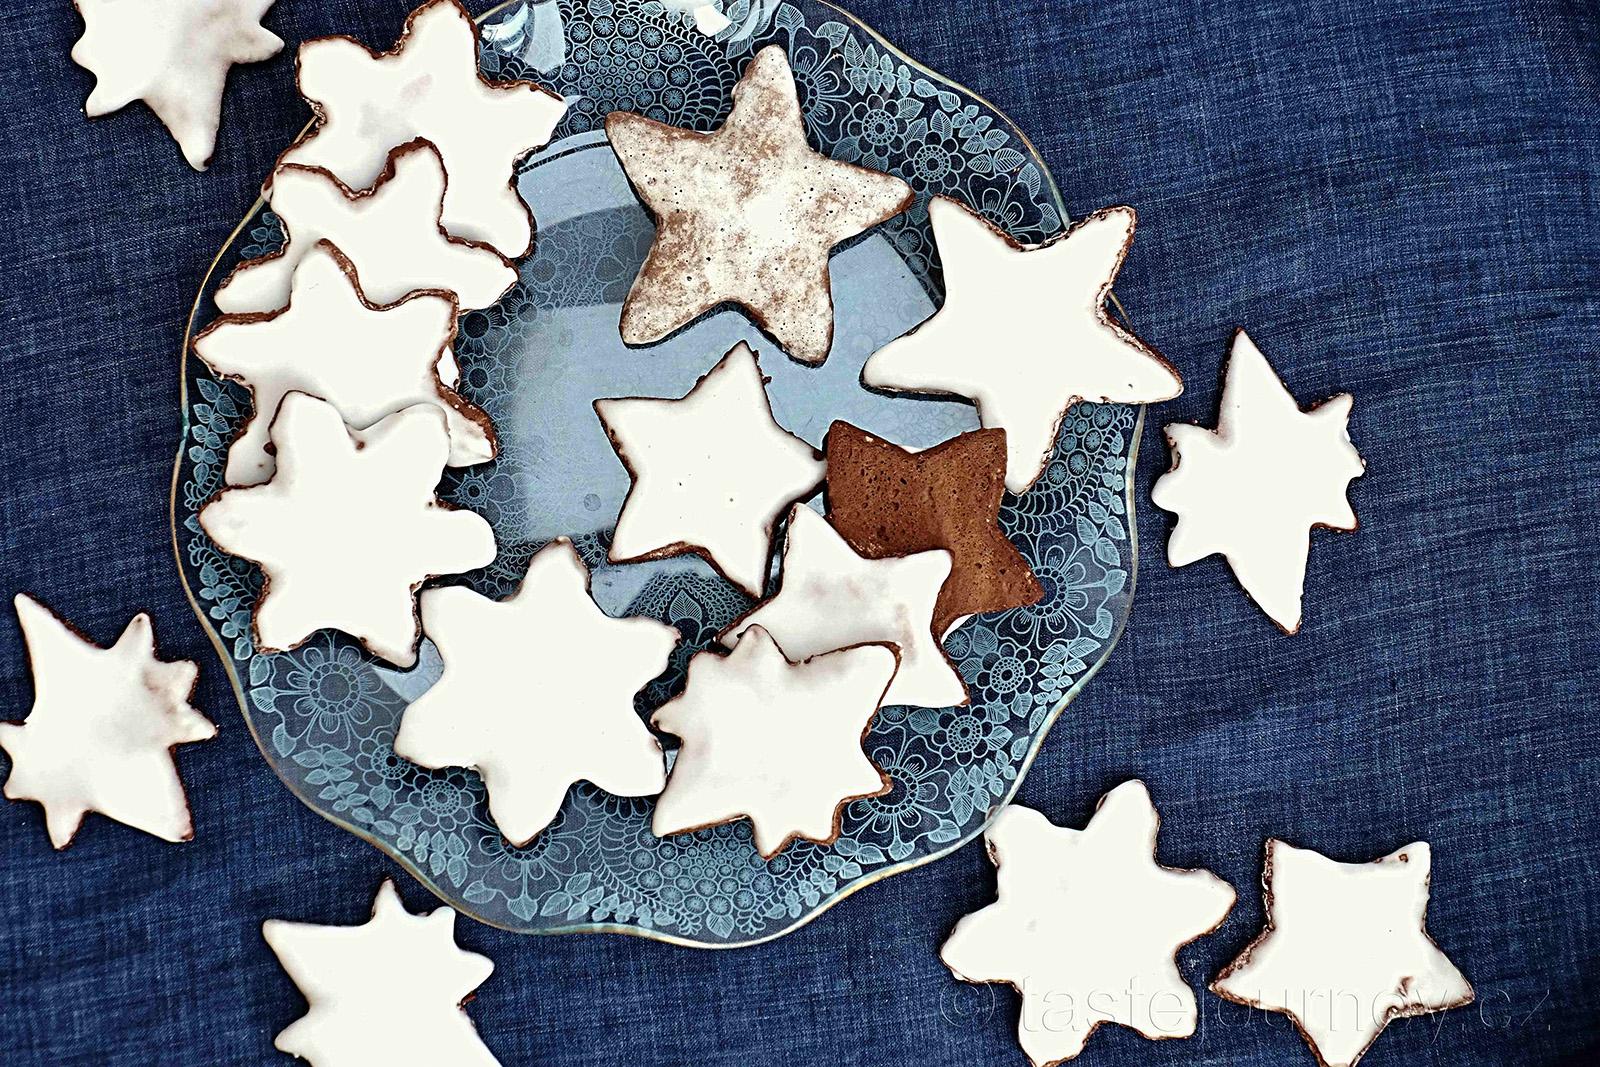 Vykrajujte různé tvary hvězd, patří totiž k Vánocům